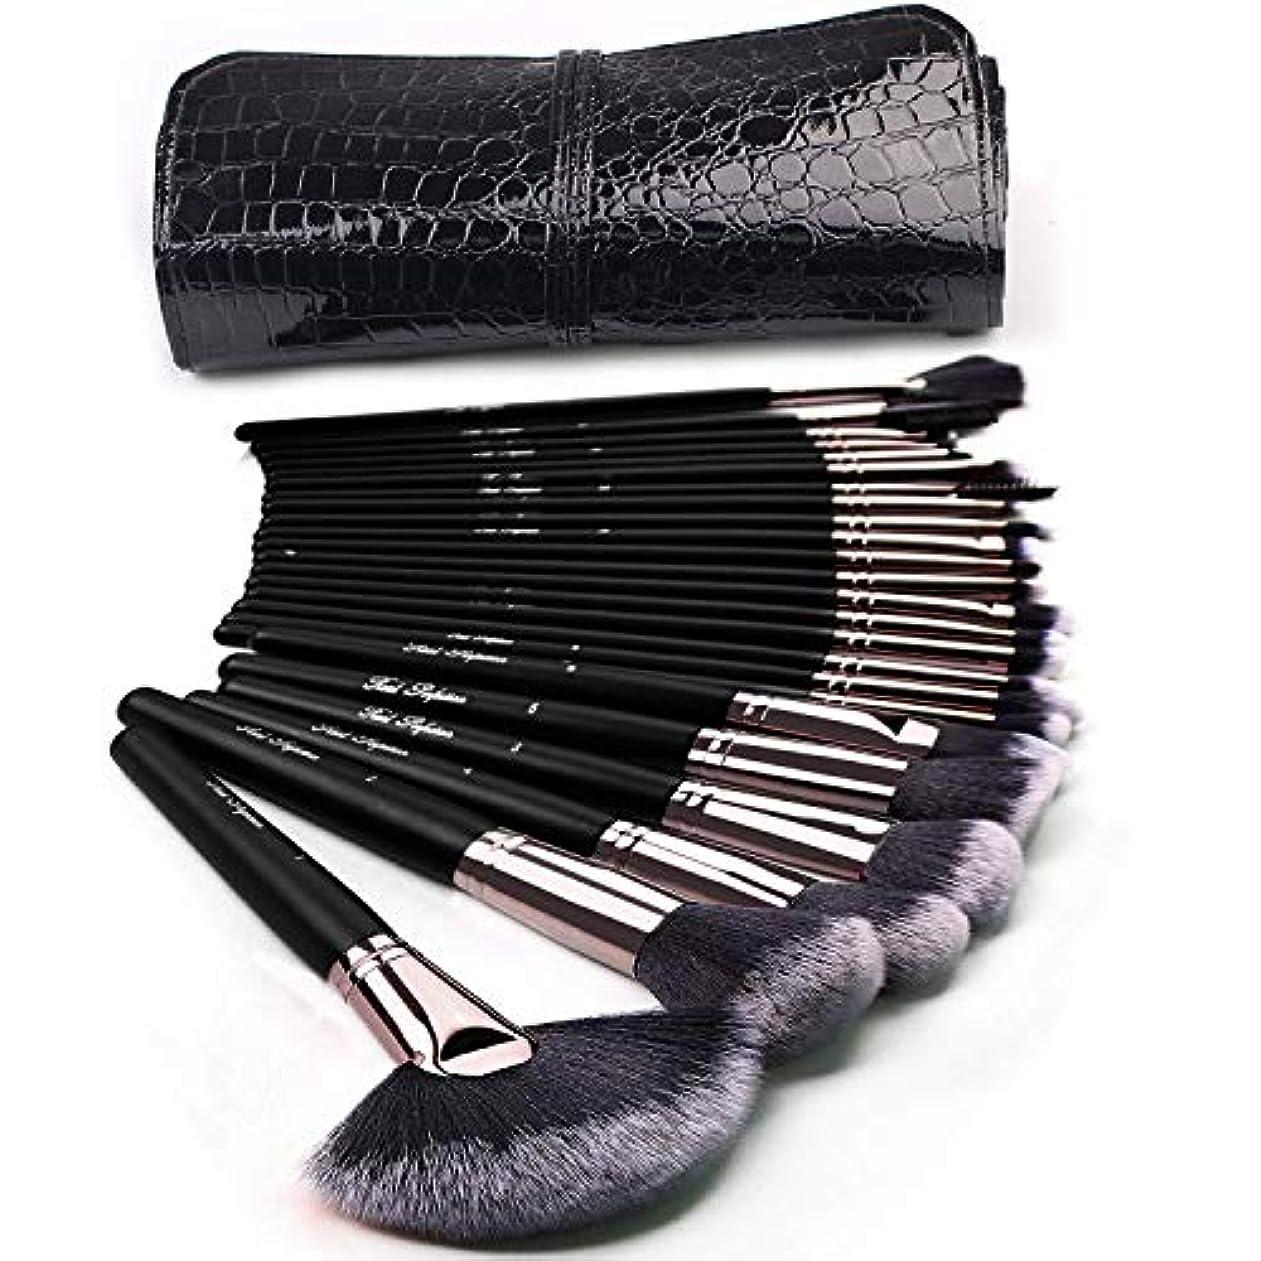 高揚した哺乳類普通のメイクブラシセット コスメブラシ 化粧筆 基本メイクアップ道具 化粧ポーチ付け 24本セット